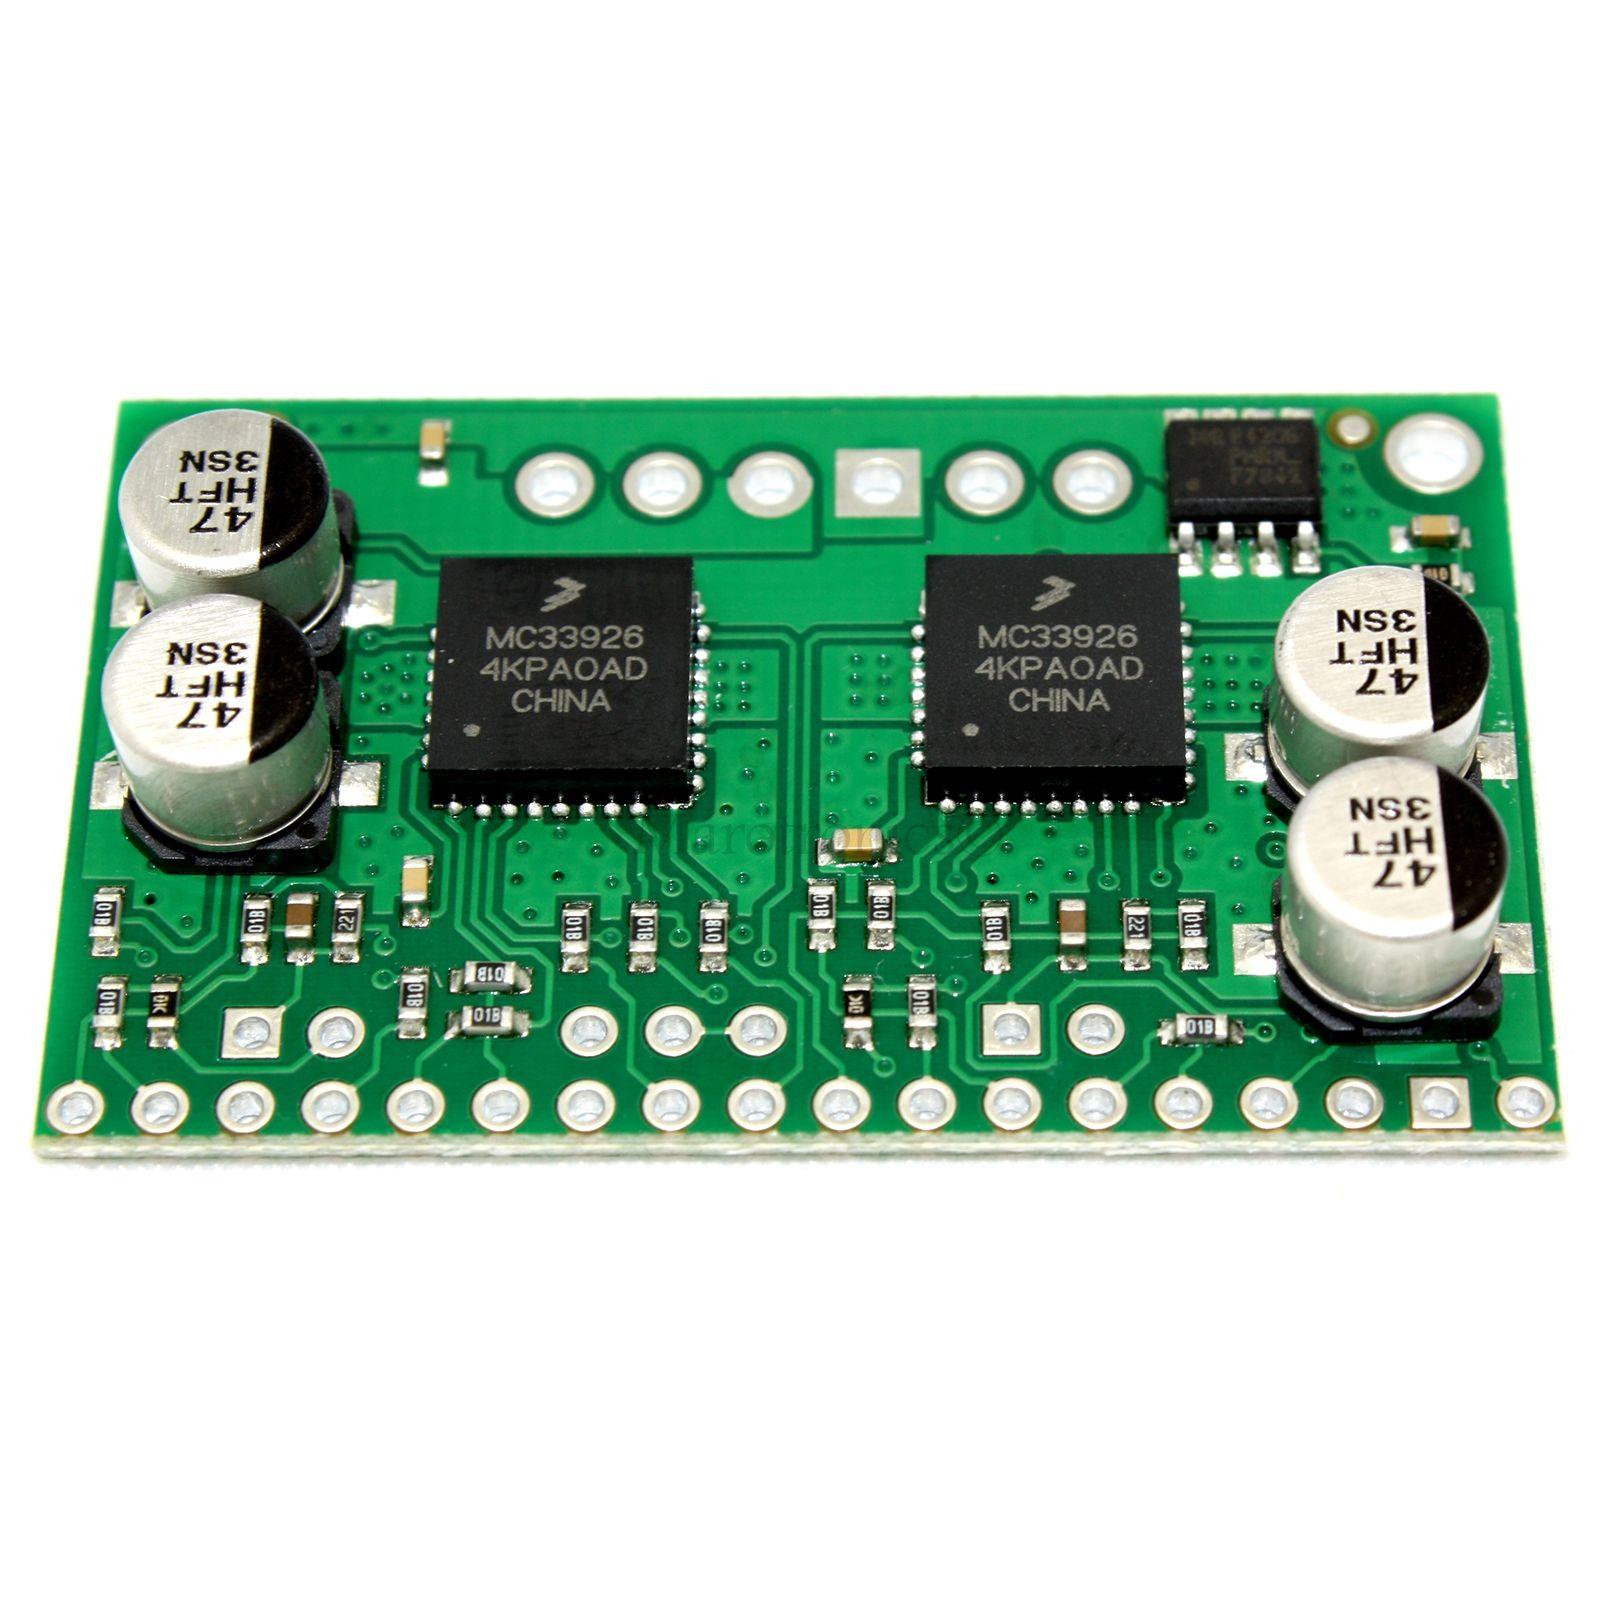 Dual MC33926 Motortreiber 19,99 (versandkostenfrei) / 8fach Relais für Erweiterung Homematic 5,89